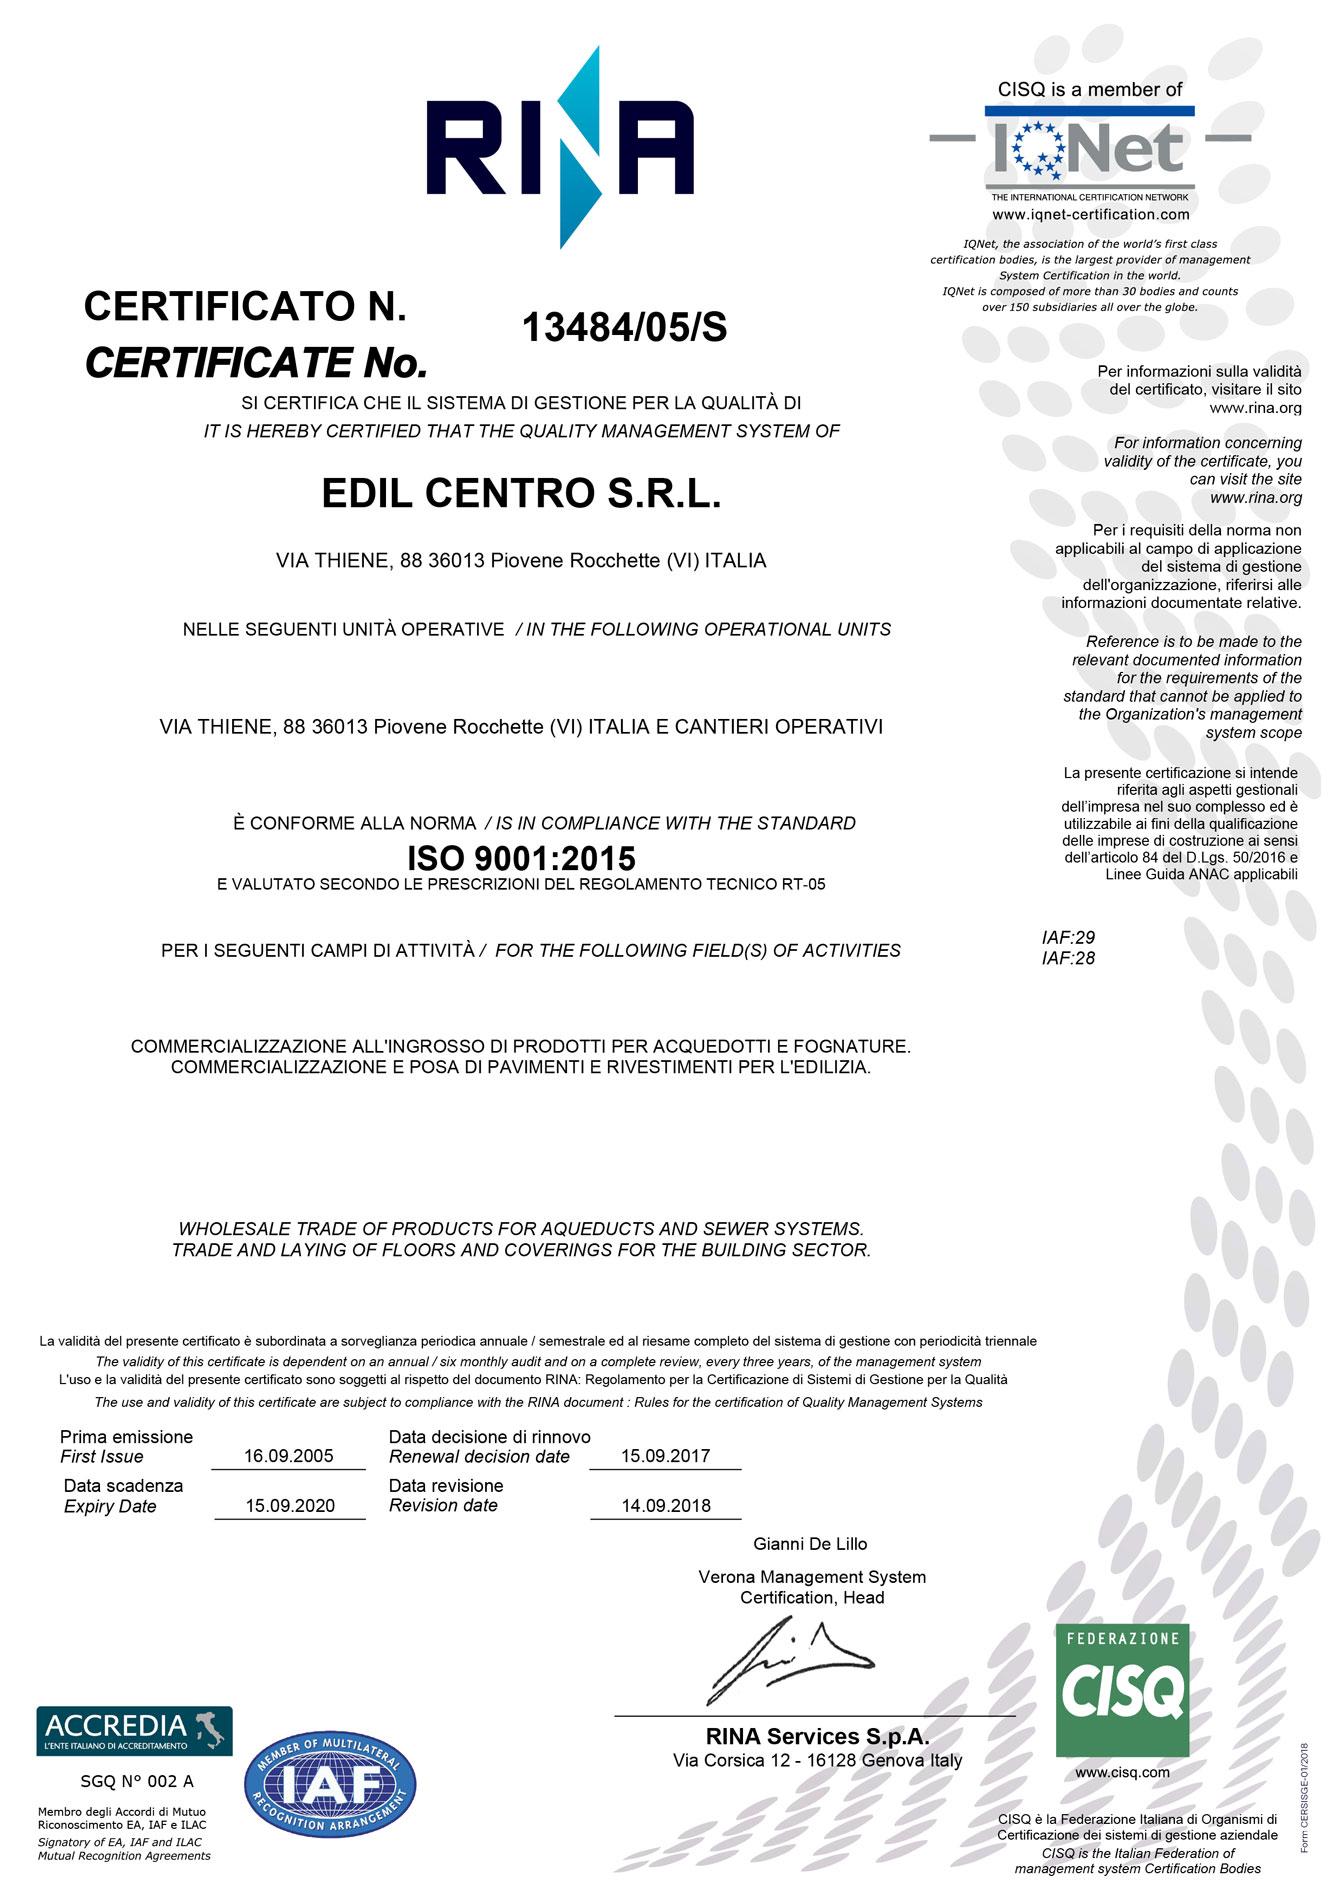 Certificato-ISO-9001-2015-Edil-Centro